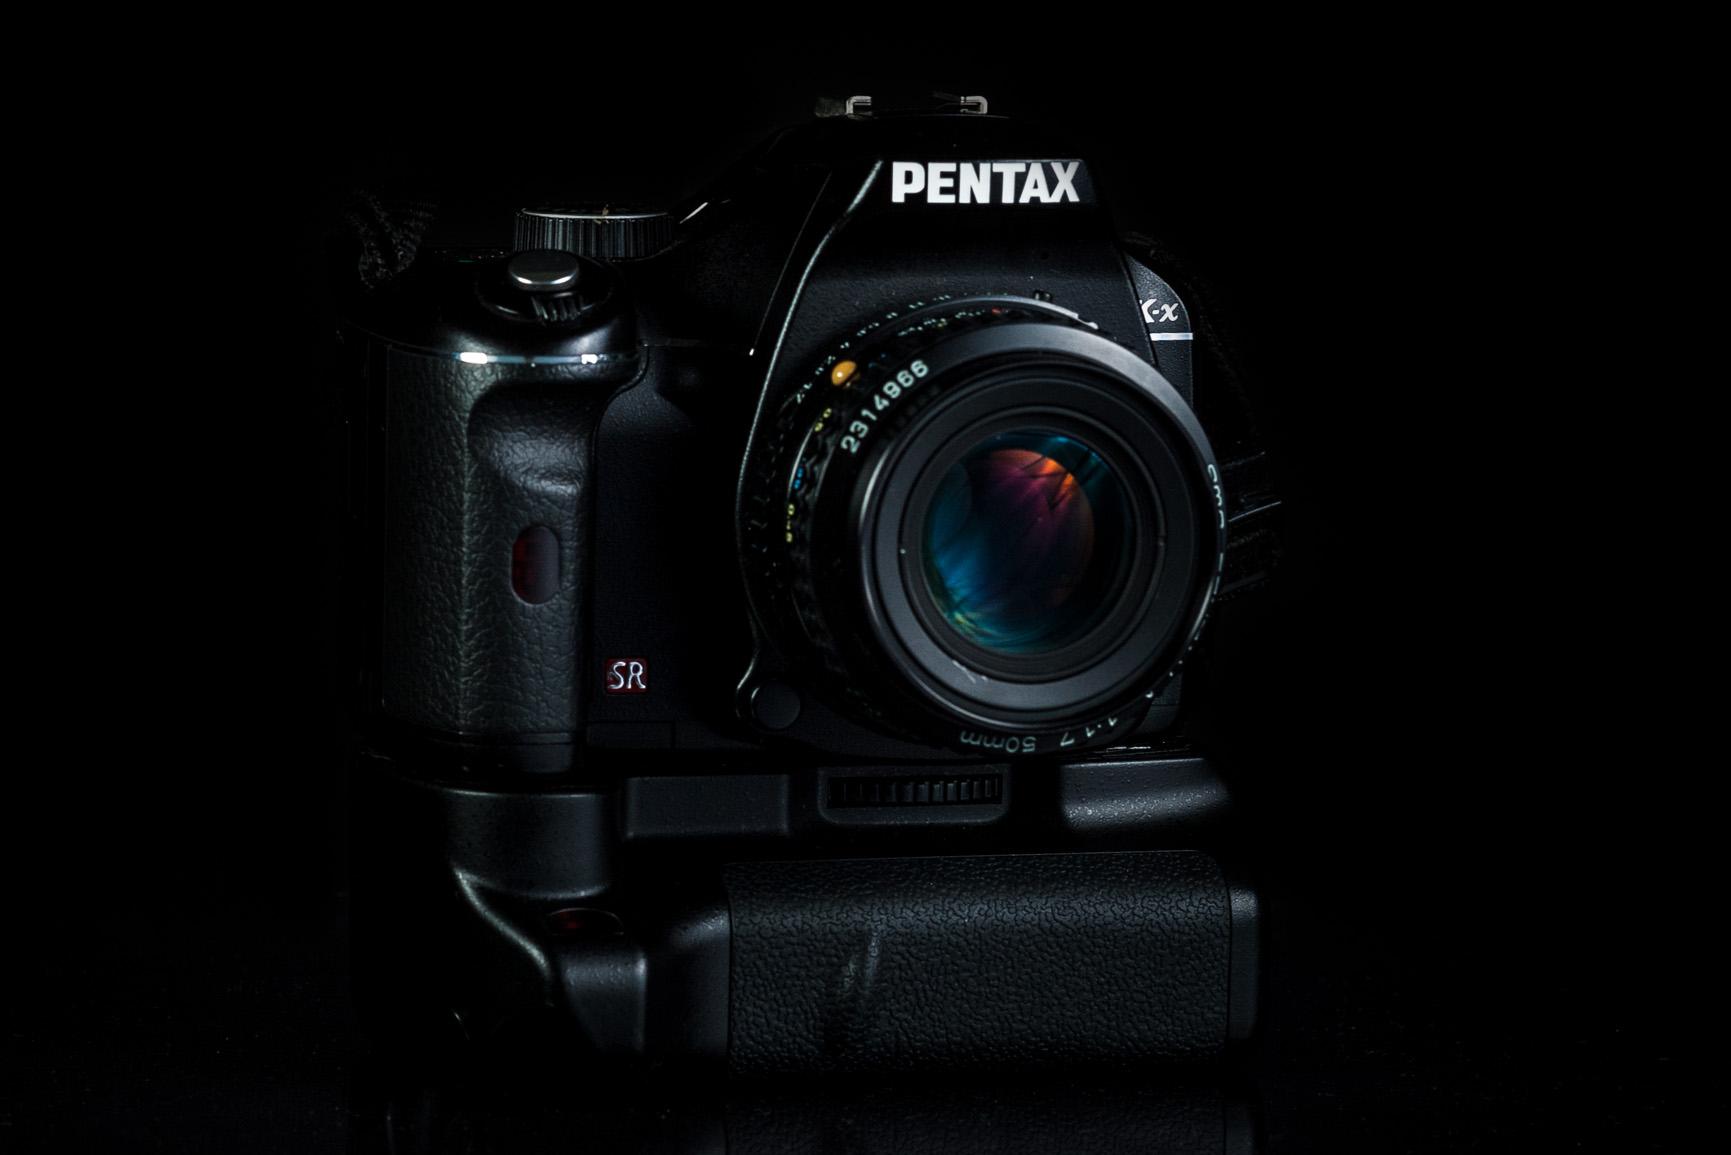 Pentax K-x grip